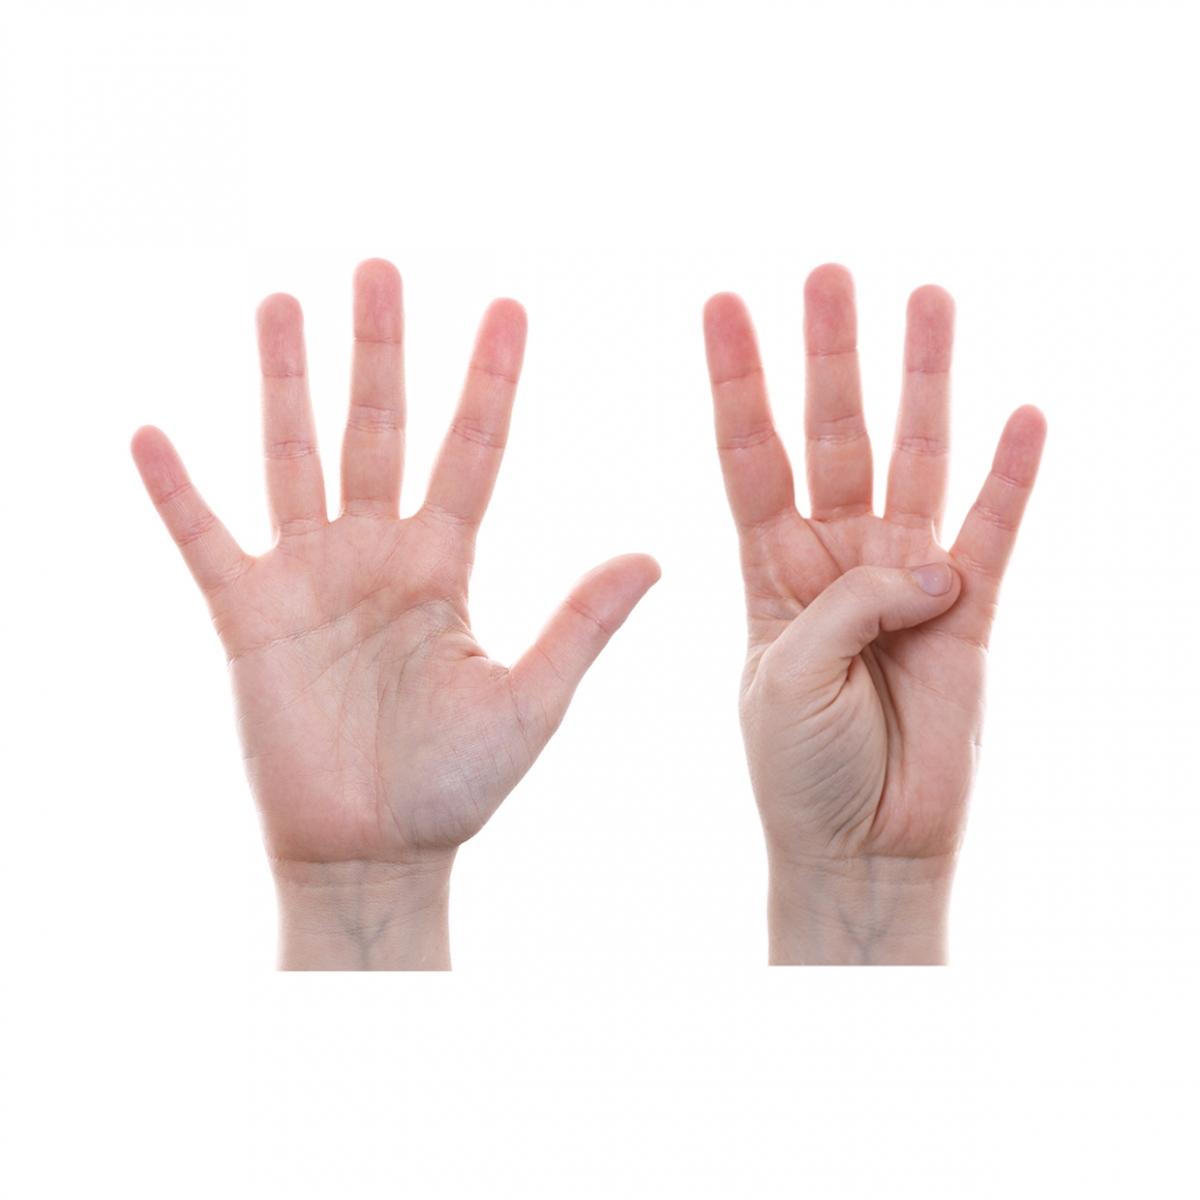 Imagen en la que se representa el número nueve